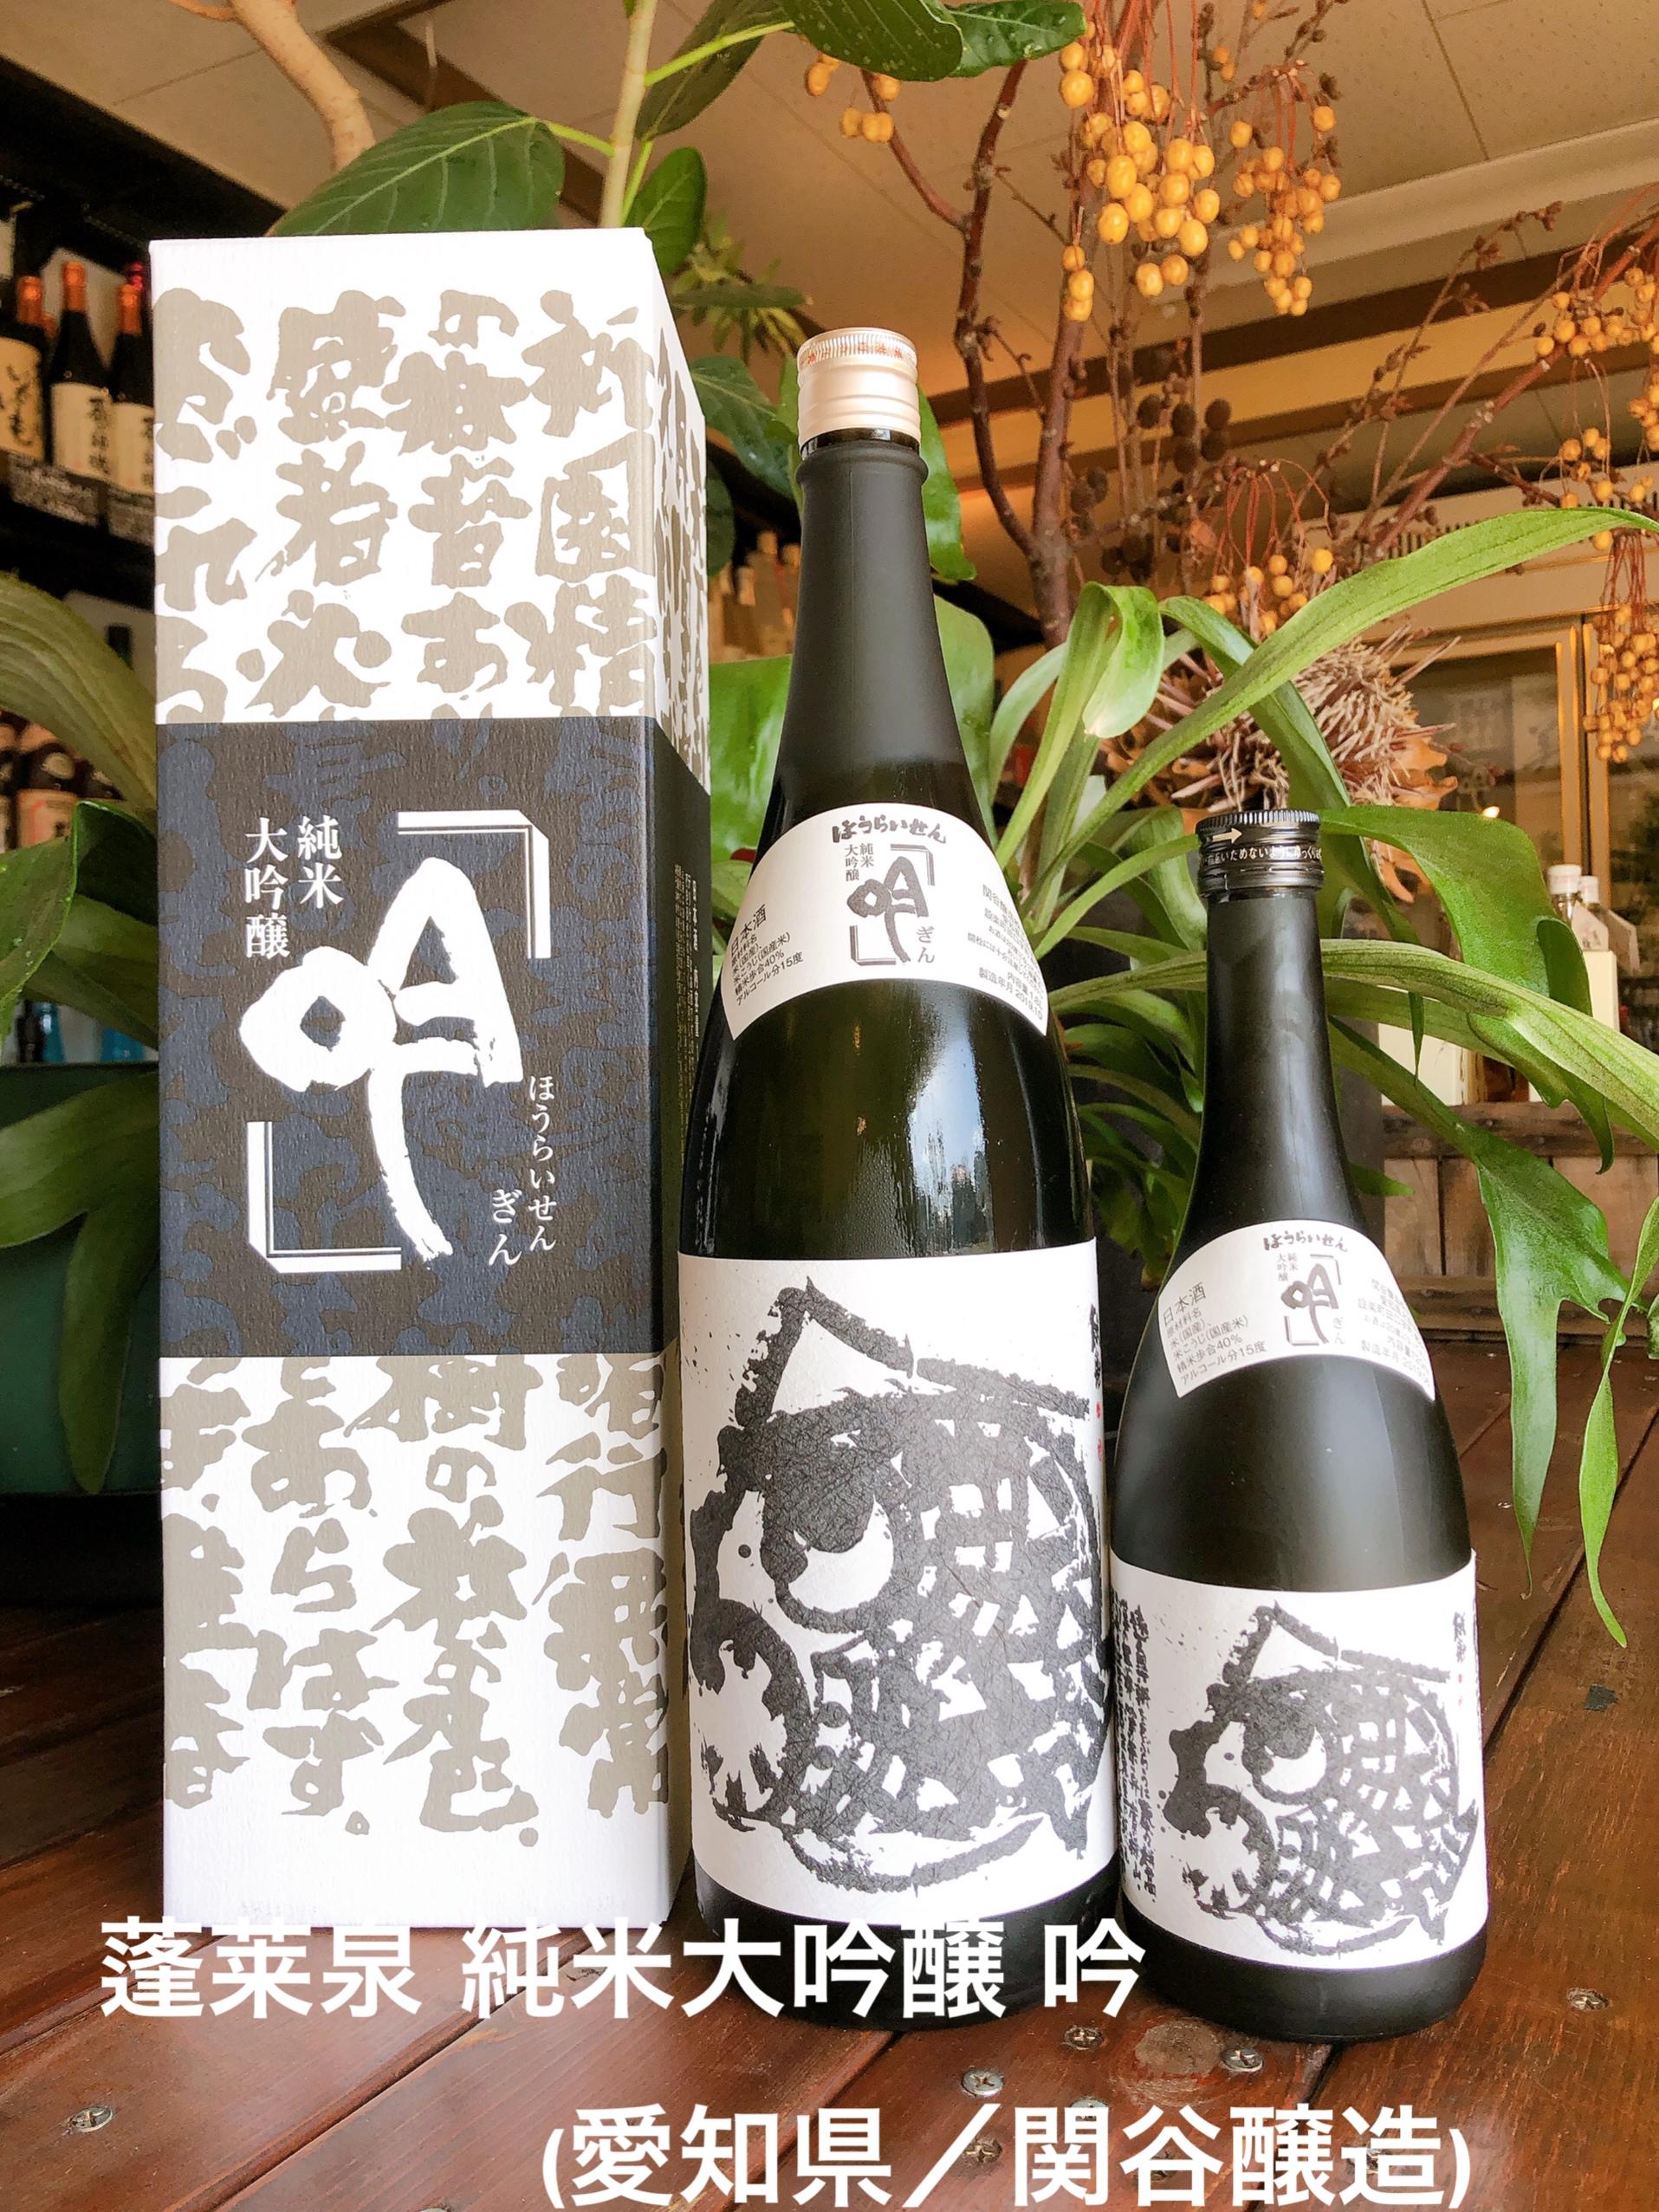 蓬莱泉 純米大吟醸 「吟」(愛知県/関谷醸造)